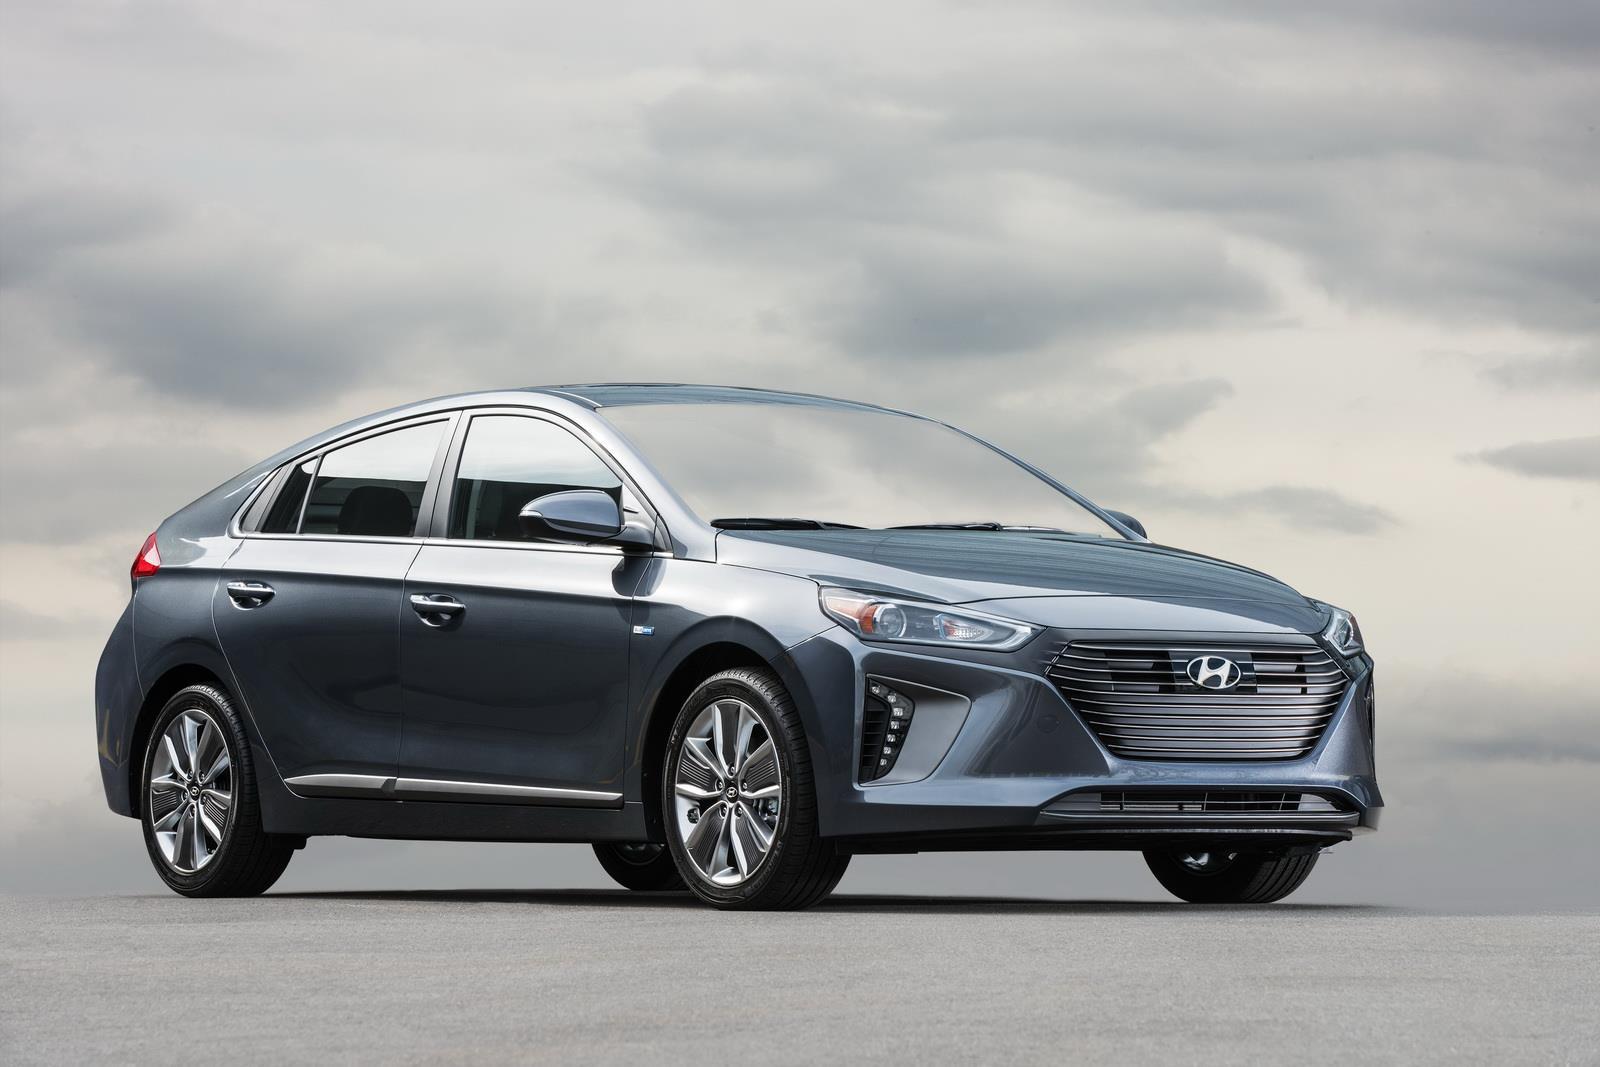 Hyundai Ioniq India launch at Auto Expo 2018